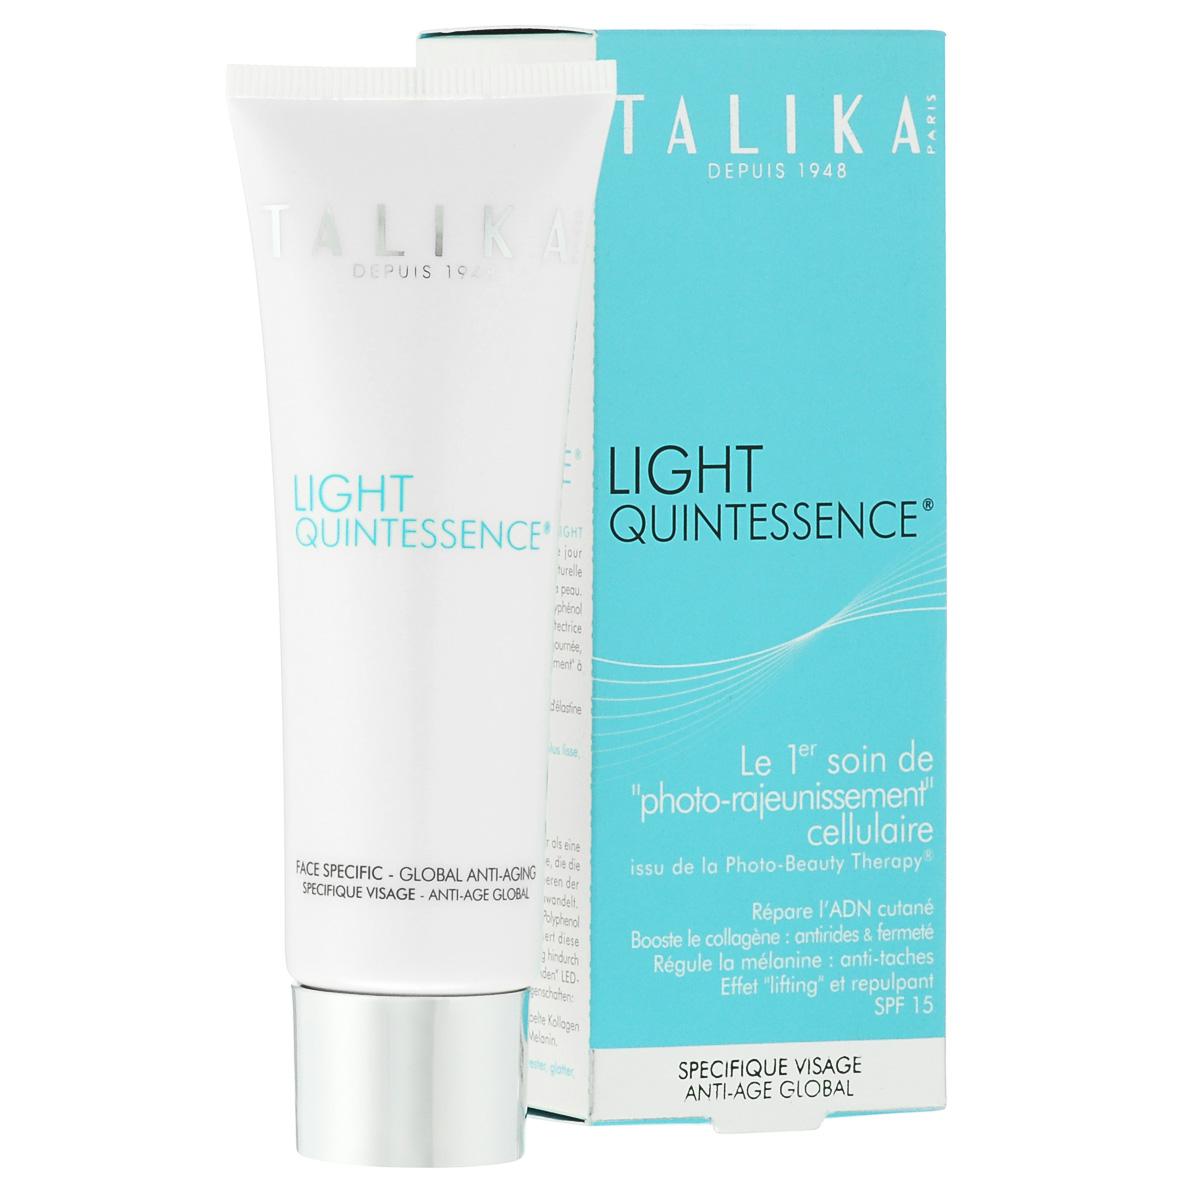 Talika Дневной крем для лица, антивозрастной, 30 млZ-20Дневной антивозрастной крем для лица борется с морщинами. Выравнивает цвет лица и наполняет кожу энергией. Мгновенно увлажняет кожу и повышает её плотность. Защищает от вредного воздействия УФ лучей. Наносить утром на безупречно очищенную кожу лица, шеи и области декольте. Рекомендуется использование поверх сыворотки.